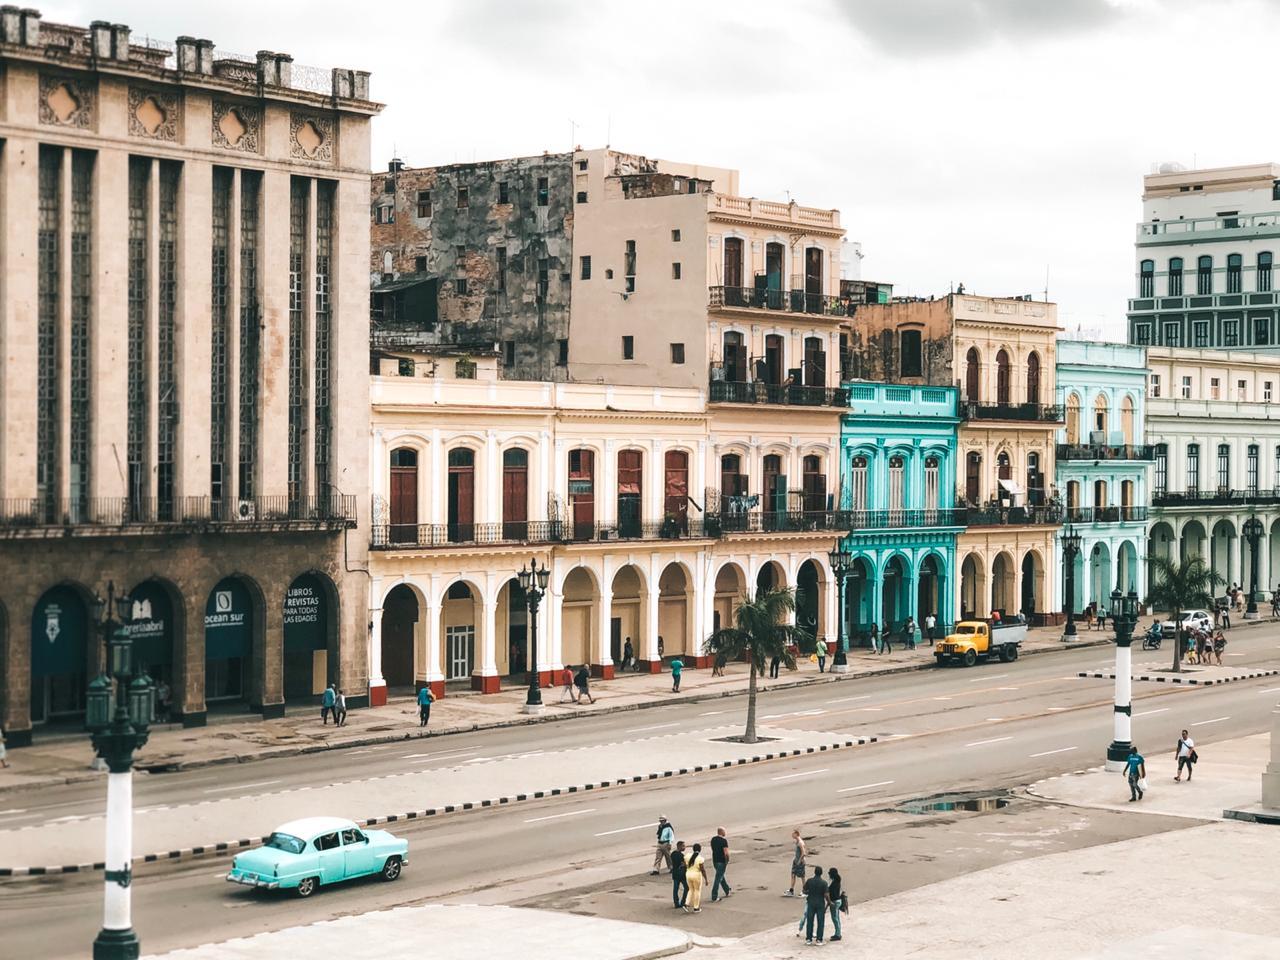 Vista a partir do Capitólio, em Havana, Cuba (Foto: Tati Sisti)